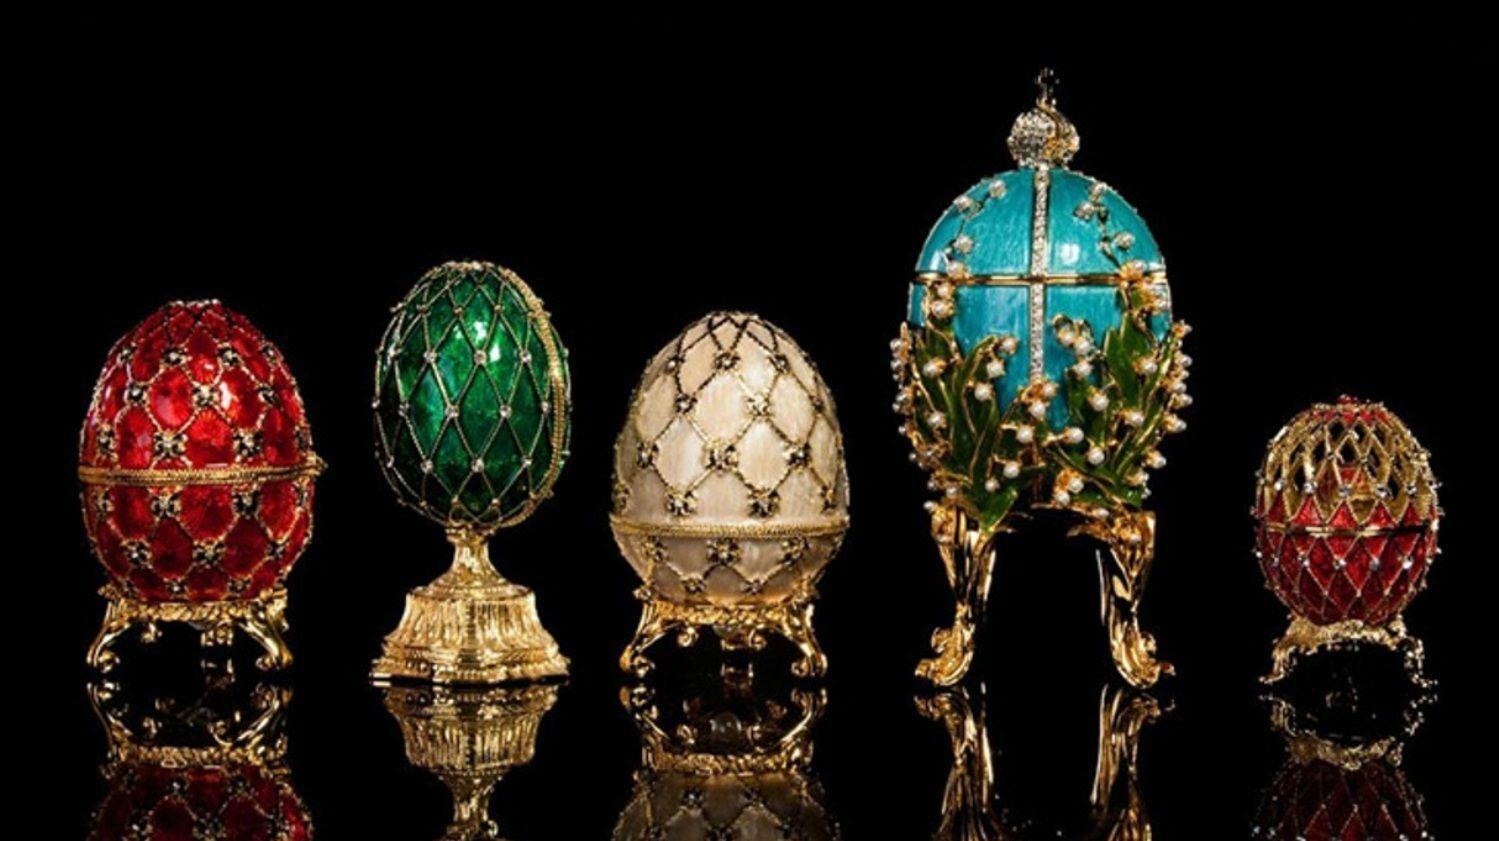 Yusupov Palace and Faberge Museum Virtual Tour